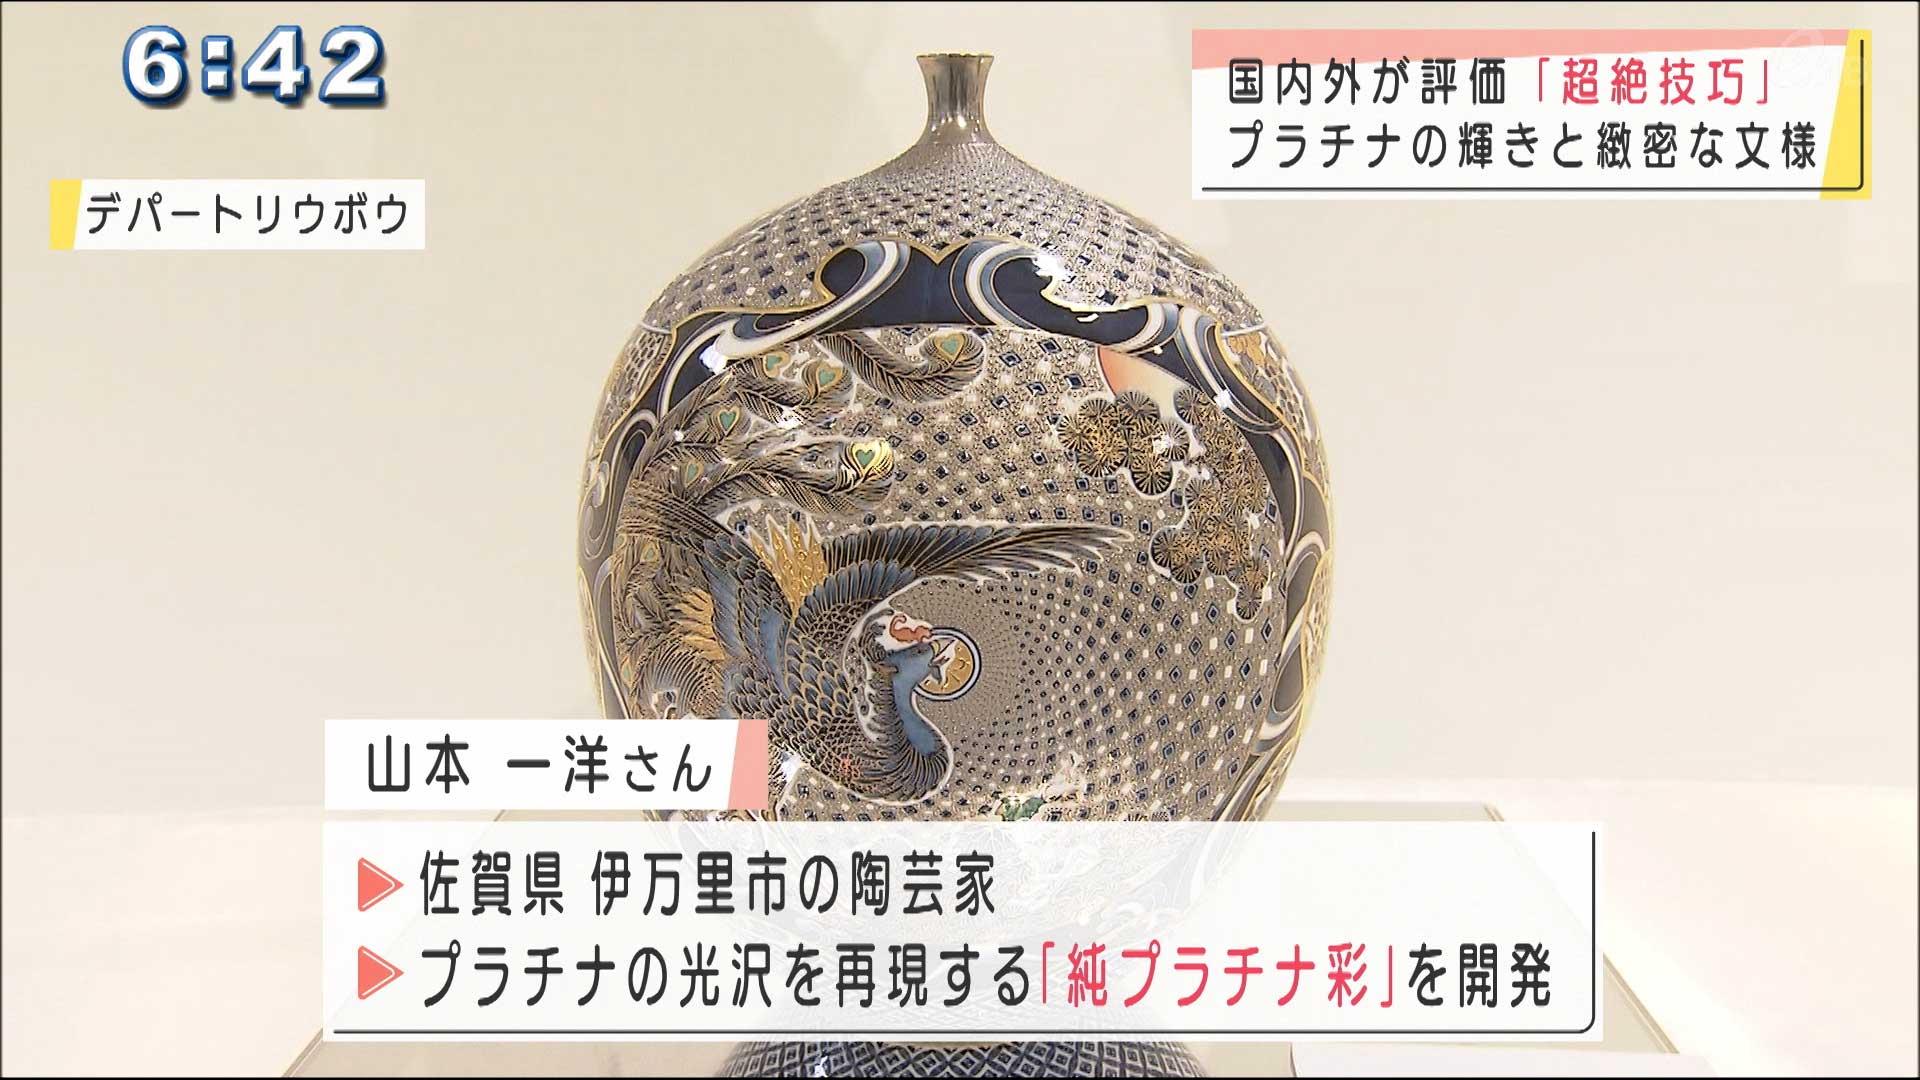 陶器の宝石 超絶技巧 山本一洋氏の作品展